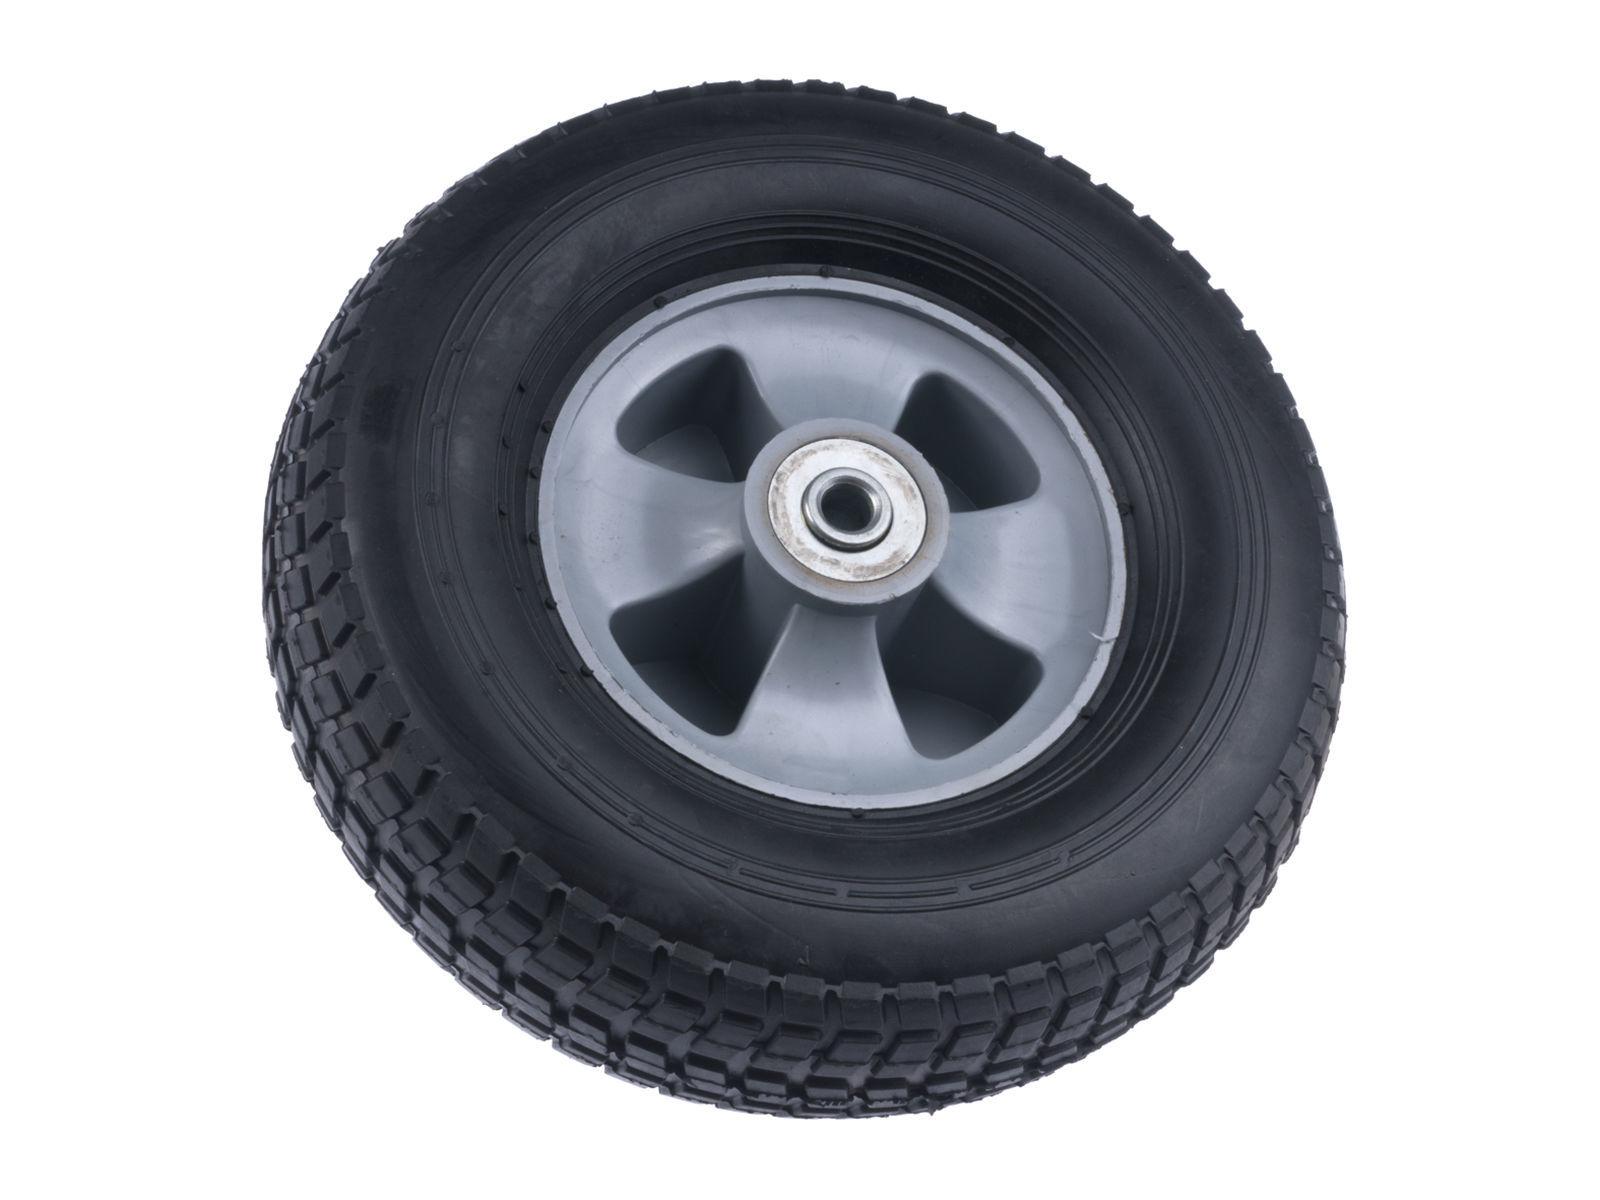 Bilde av Hjul Semi-pneumatic